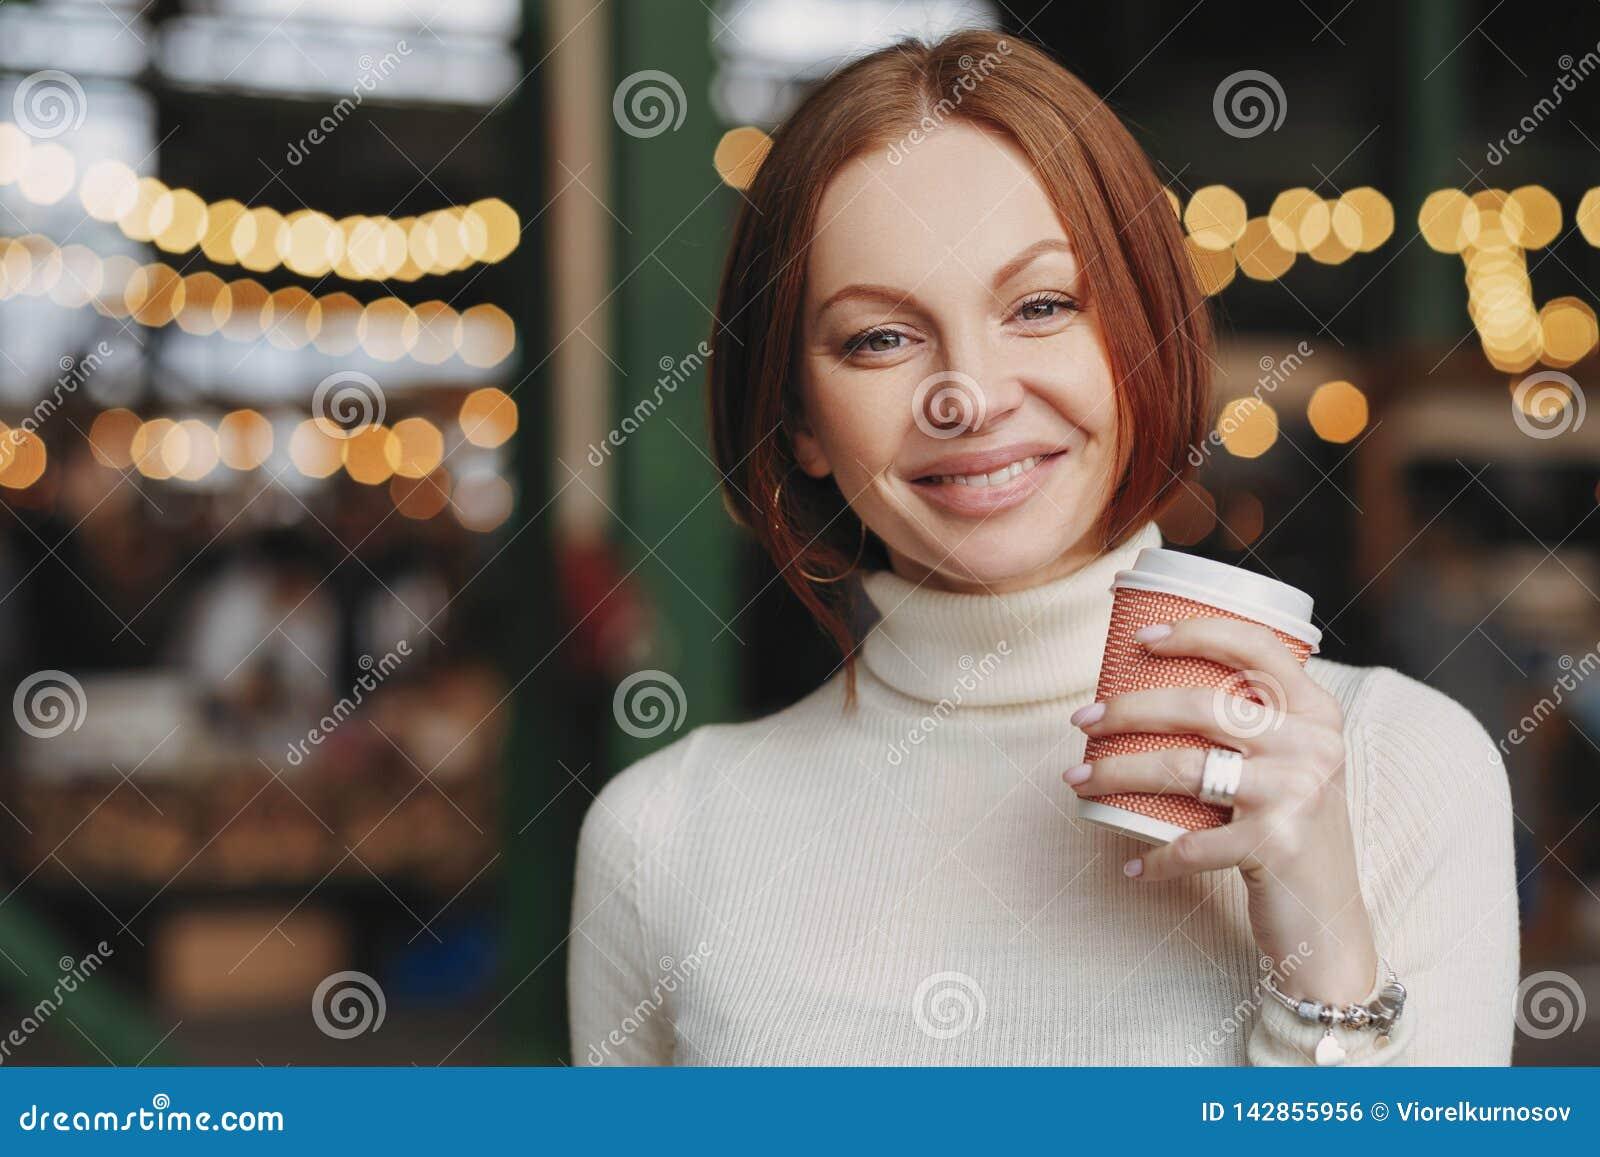 Фото привлекательной молодой женщины держит на вынос кофе, угождало выражению, зубастой улыбке, одетой в белом прыгуне, представл